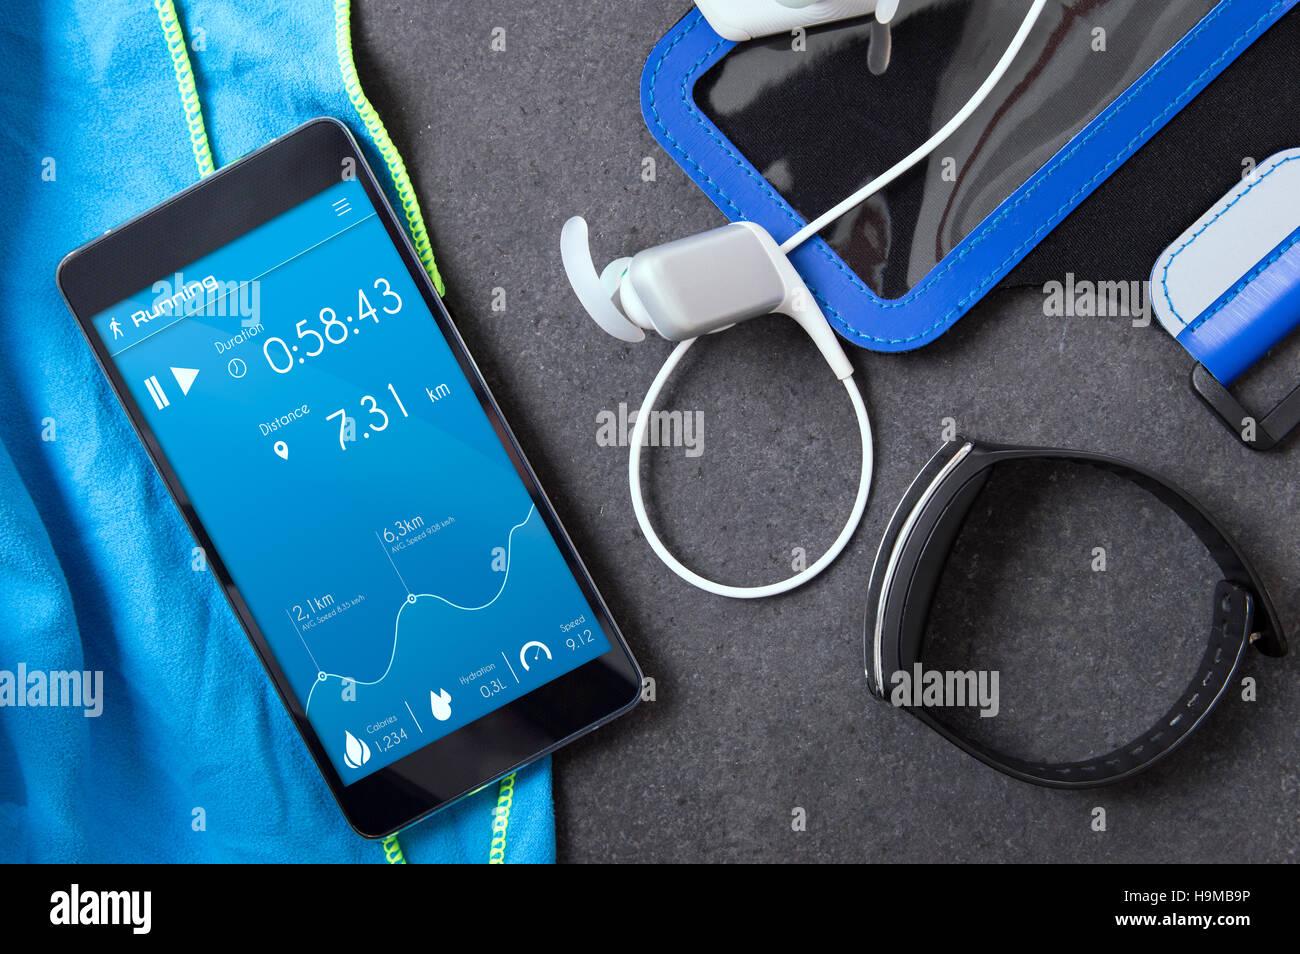 Smartphone avec une application inconnue pour les coureurs sur la plaque de pierre. Demande a été créé Photo Stock